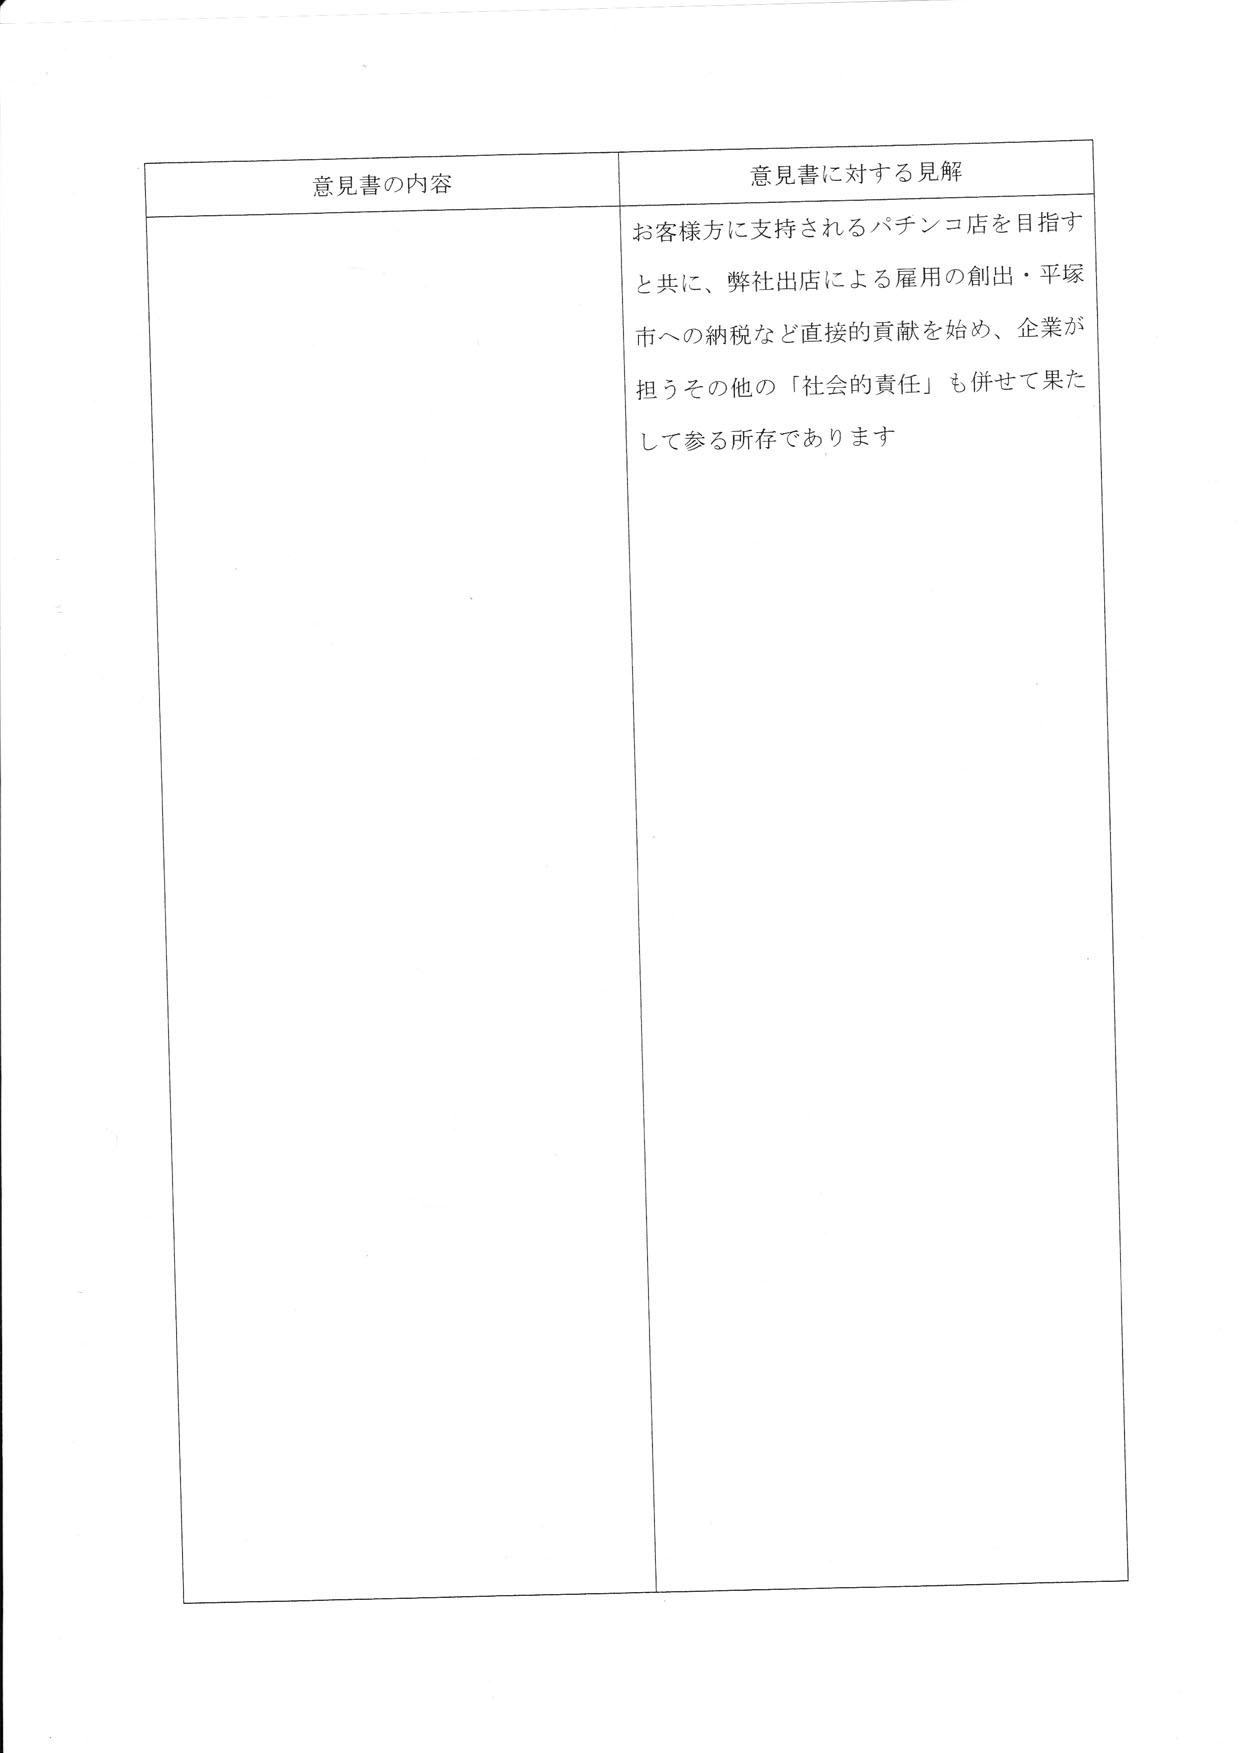 =2009/7/20= 花水・浜岳学区以外の市民にも見解書がくる_d0034430_15531877.jpg